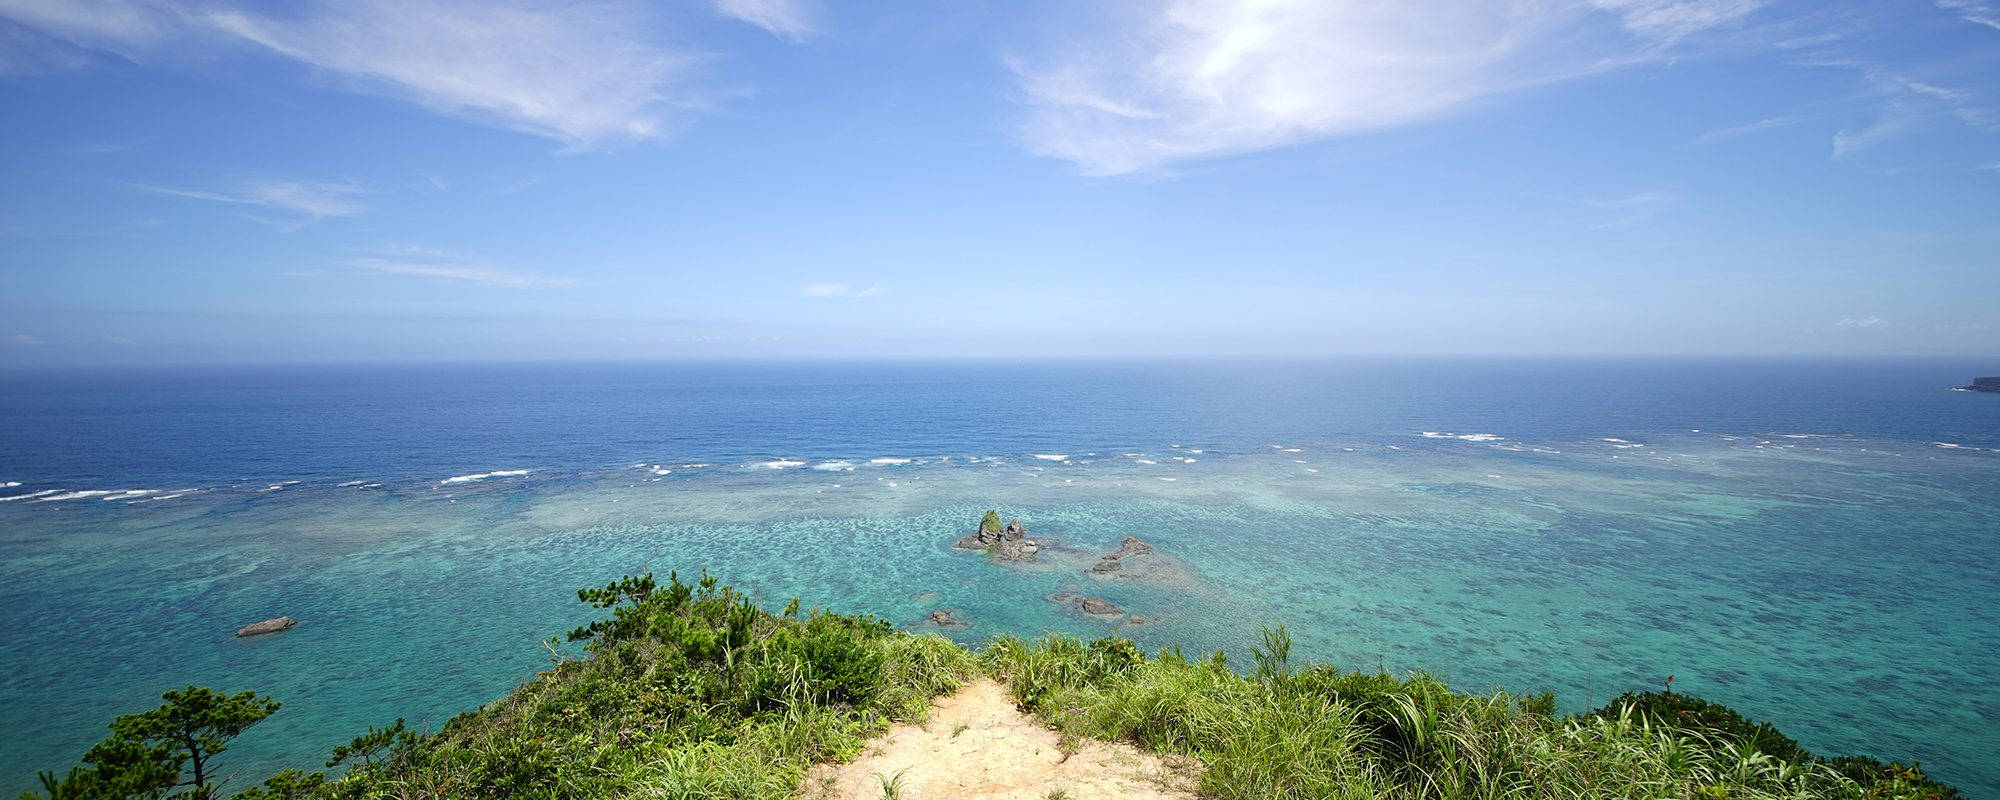 ジュゴンの見える丘(じゅごんのみえるおか)絶景